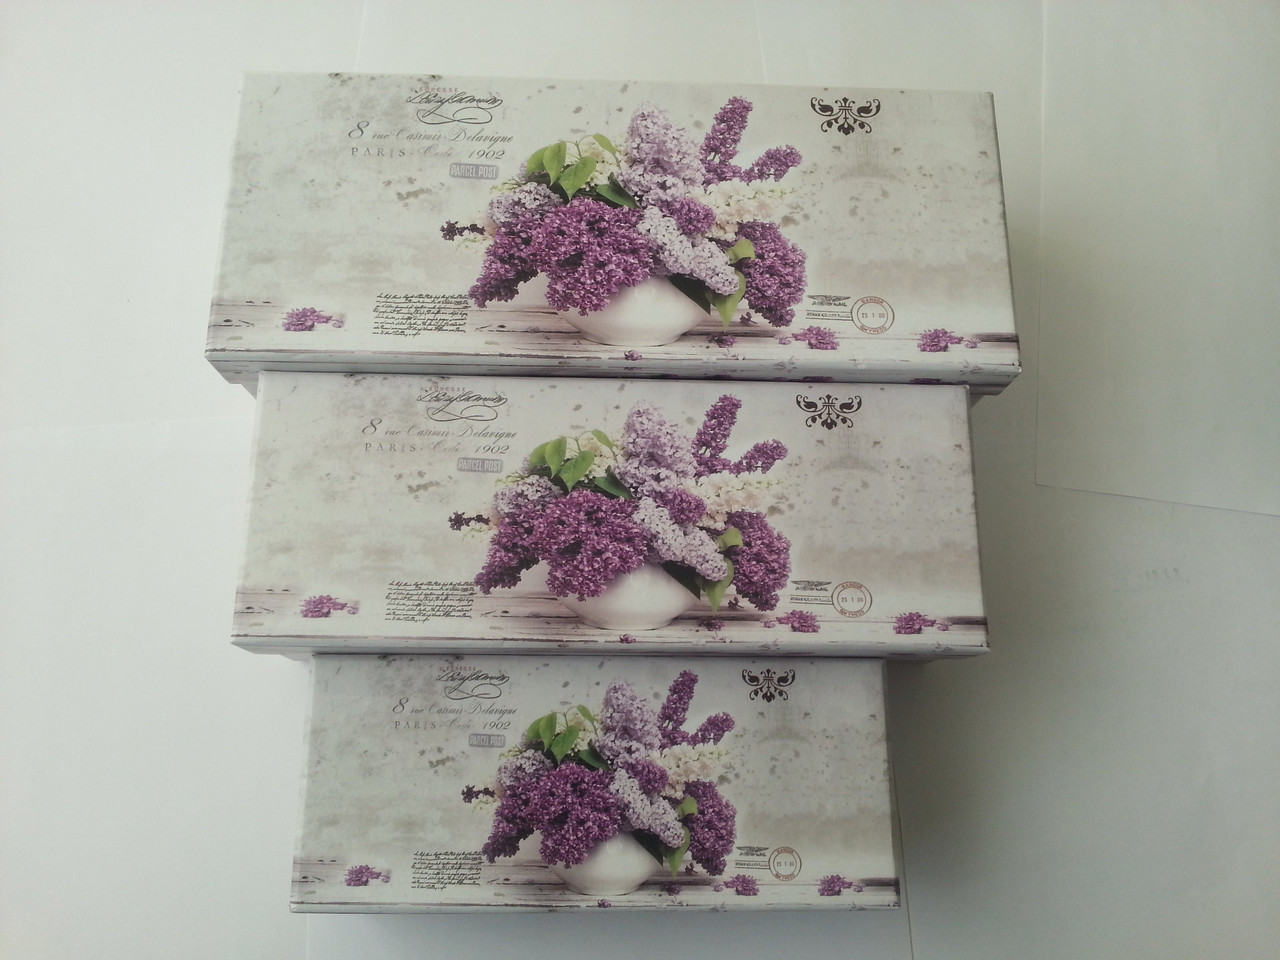 Коробка прямоугольная картонная 23.8x9x6.5cm код Украина -04301